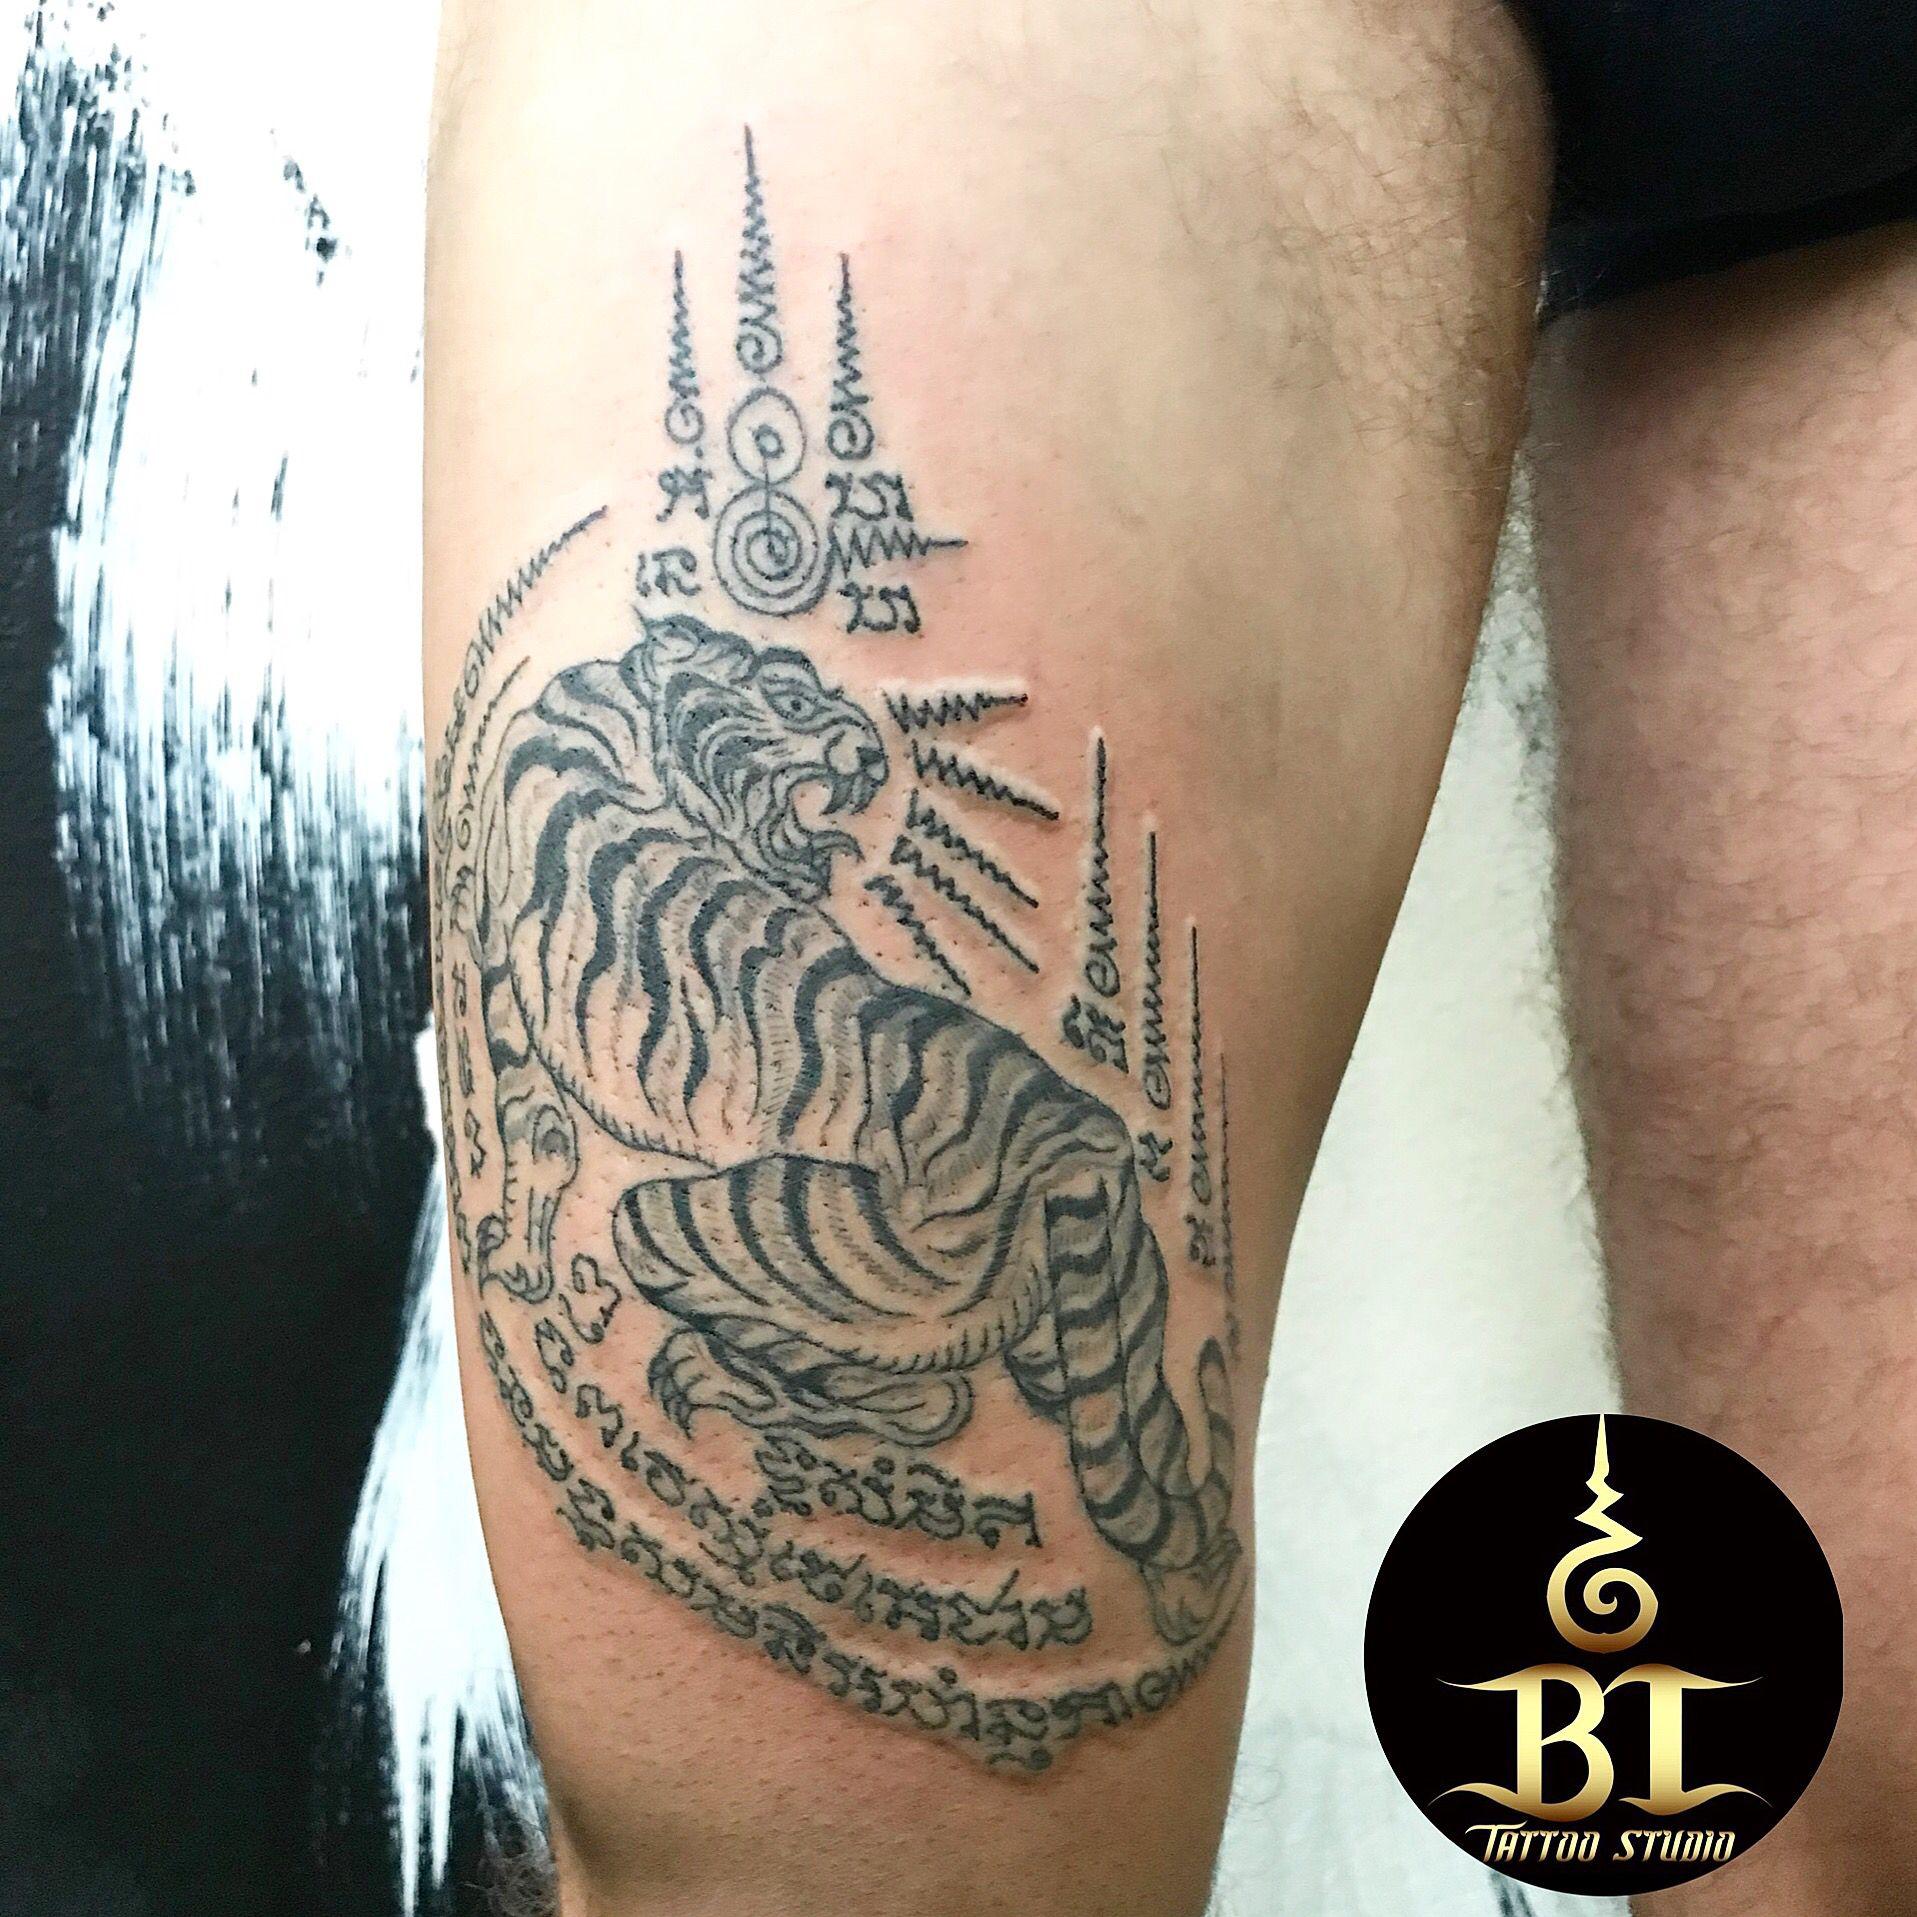 Done Traditional Thai Sak Yant Tattoo By Ajarn Tawwwbt